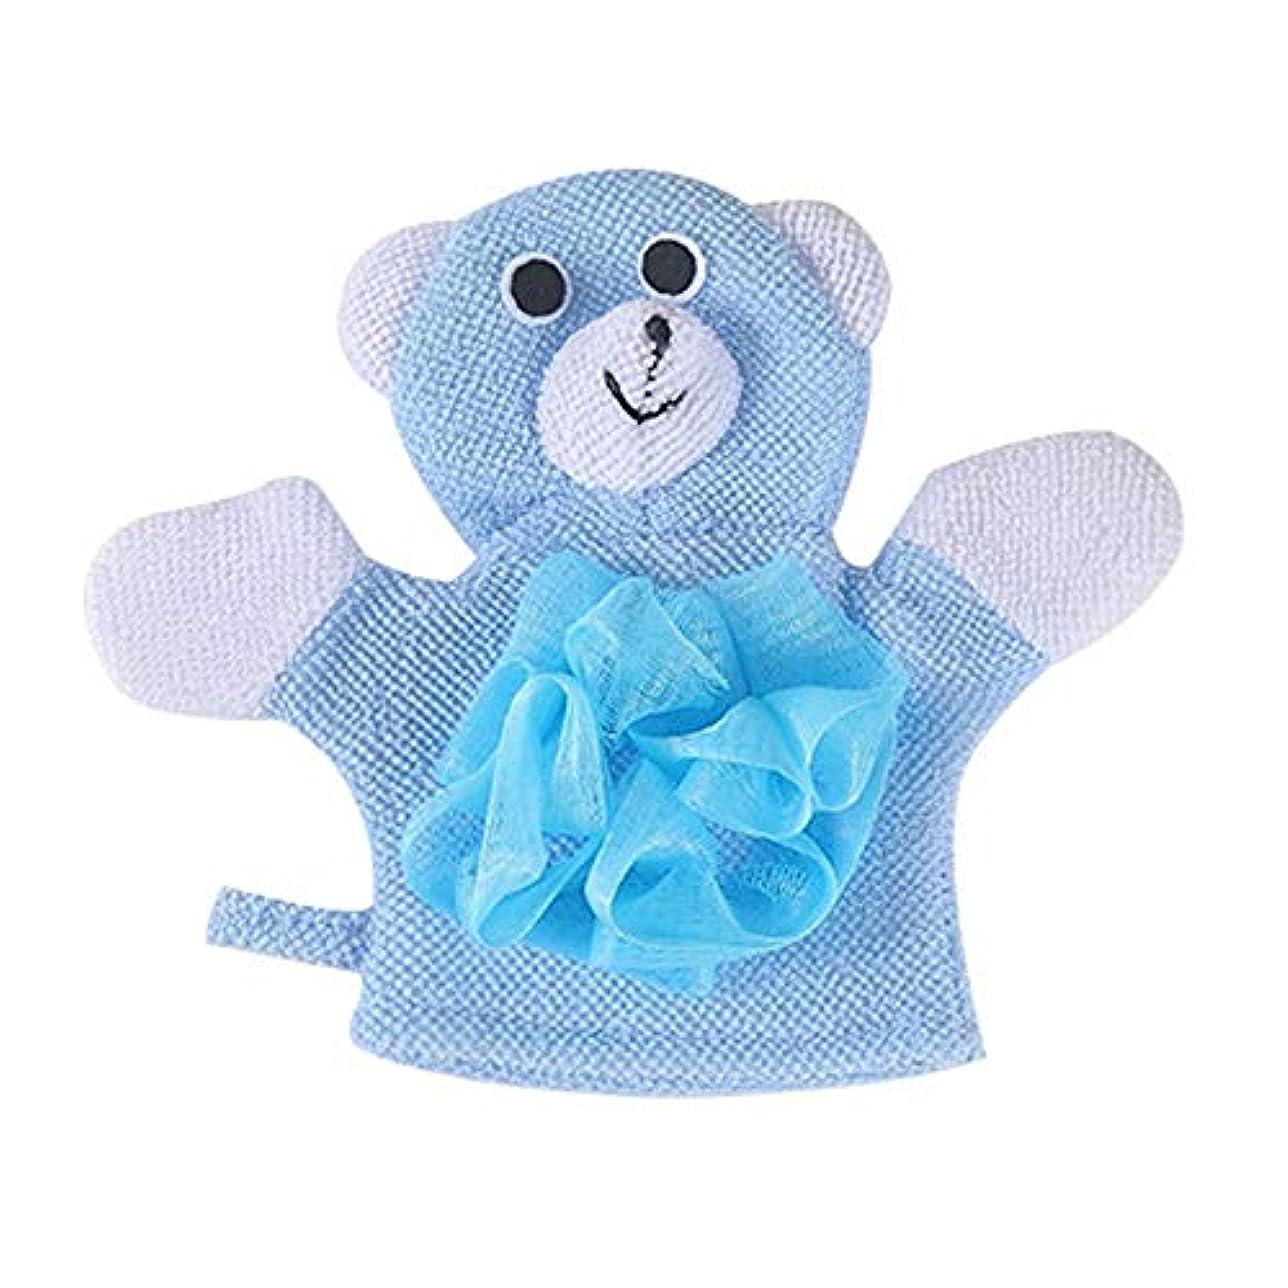 上院カバレッジ流体BTXXYJP お風呂用手袋 あかすり シャワー手袋 ボディブラシ やわらか バス用品 ボディタオル 角質除去 (Color : Blue)